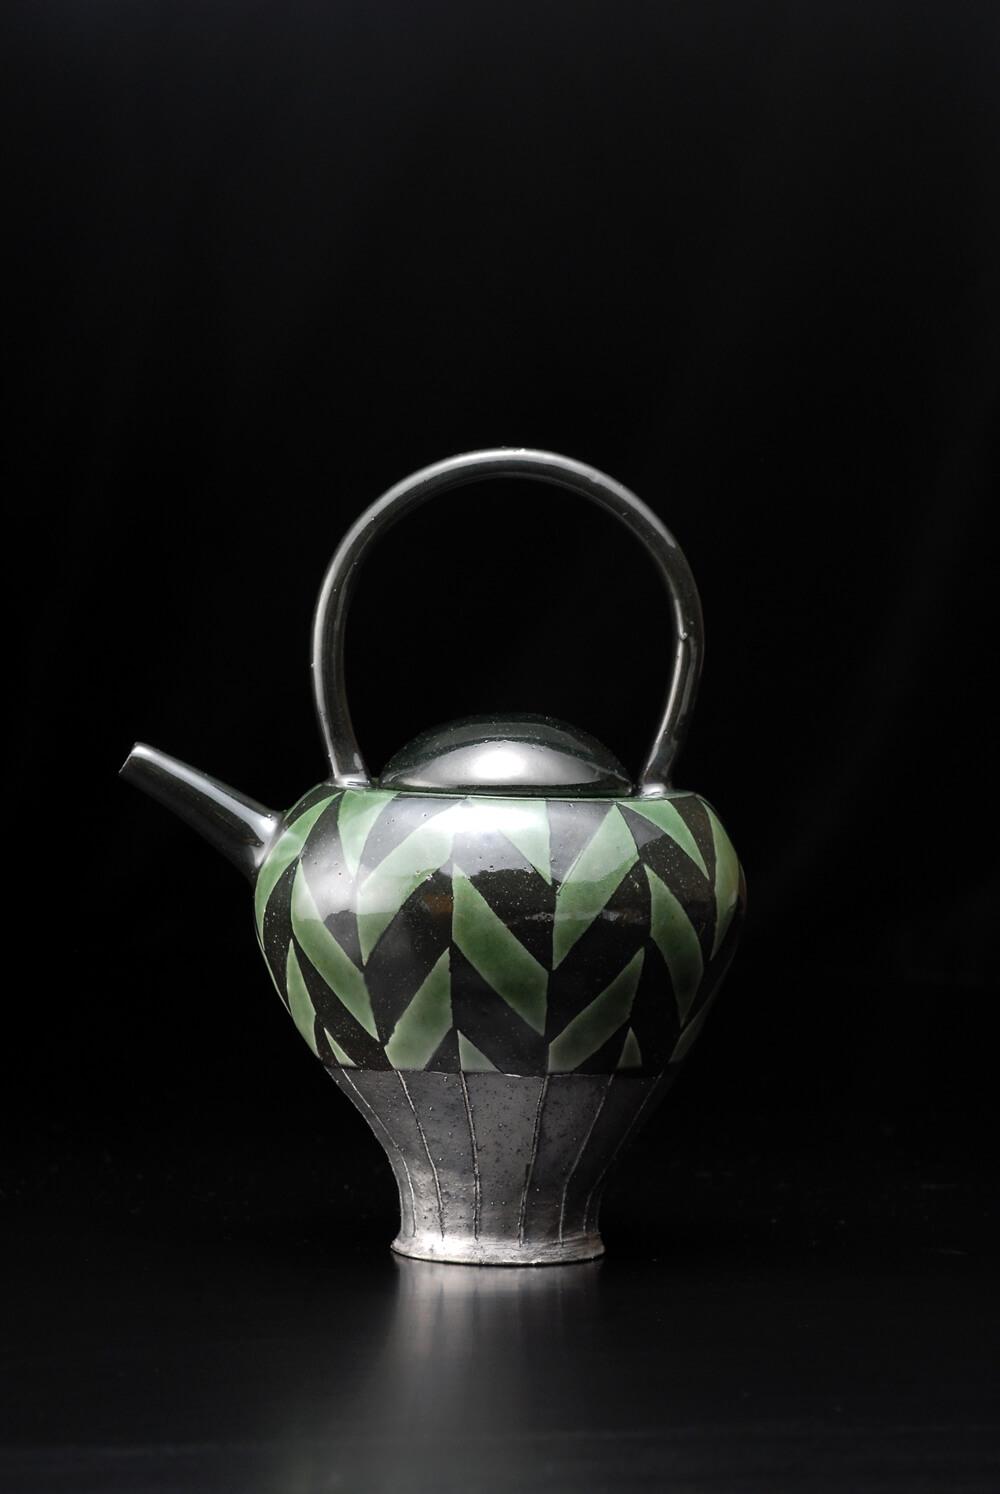 2007年6月7日から開催の「寄神 千恵子 陶展」の作品01